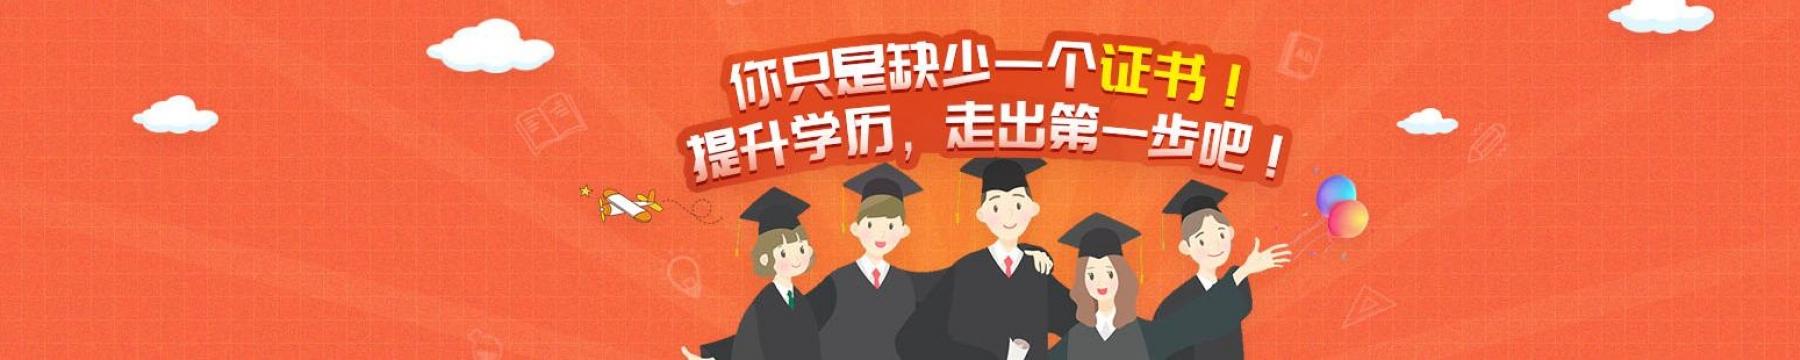 杭州-深圳大学学历培训学校